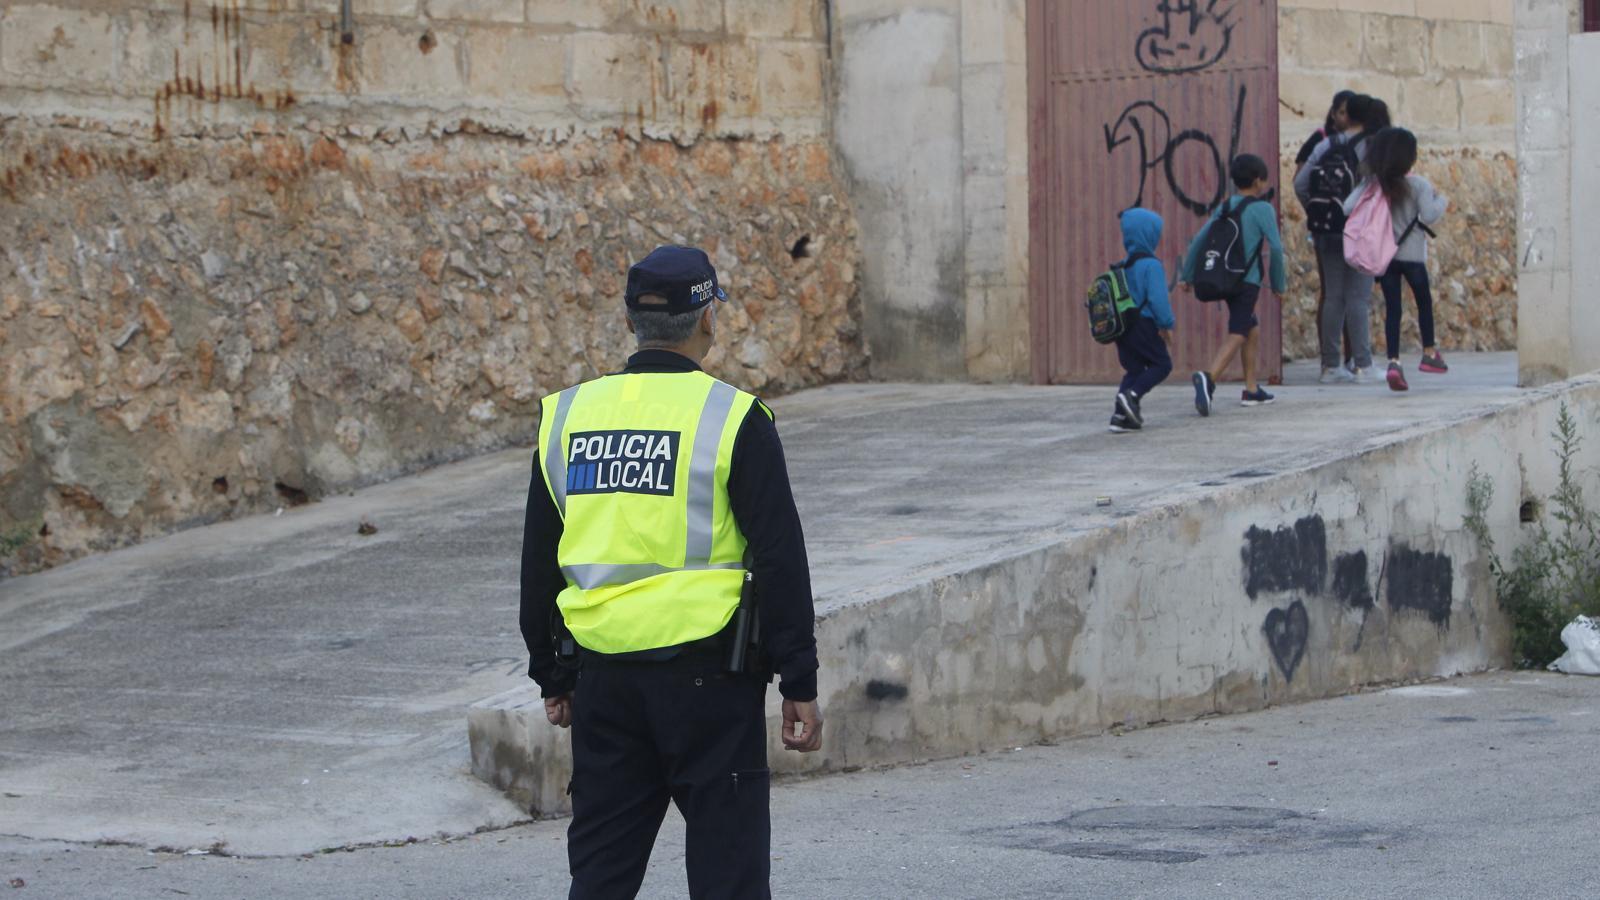 La Policia Local ha iniciat una investigació./ ISAAC BUJ